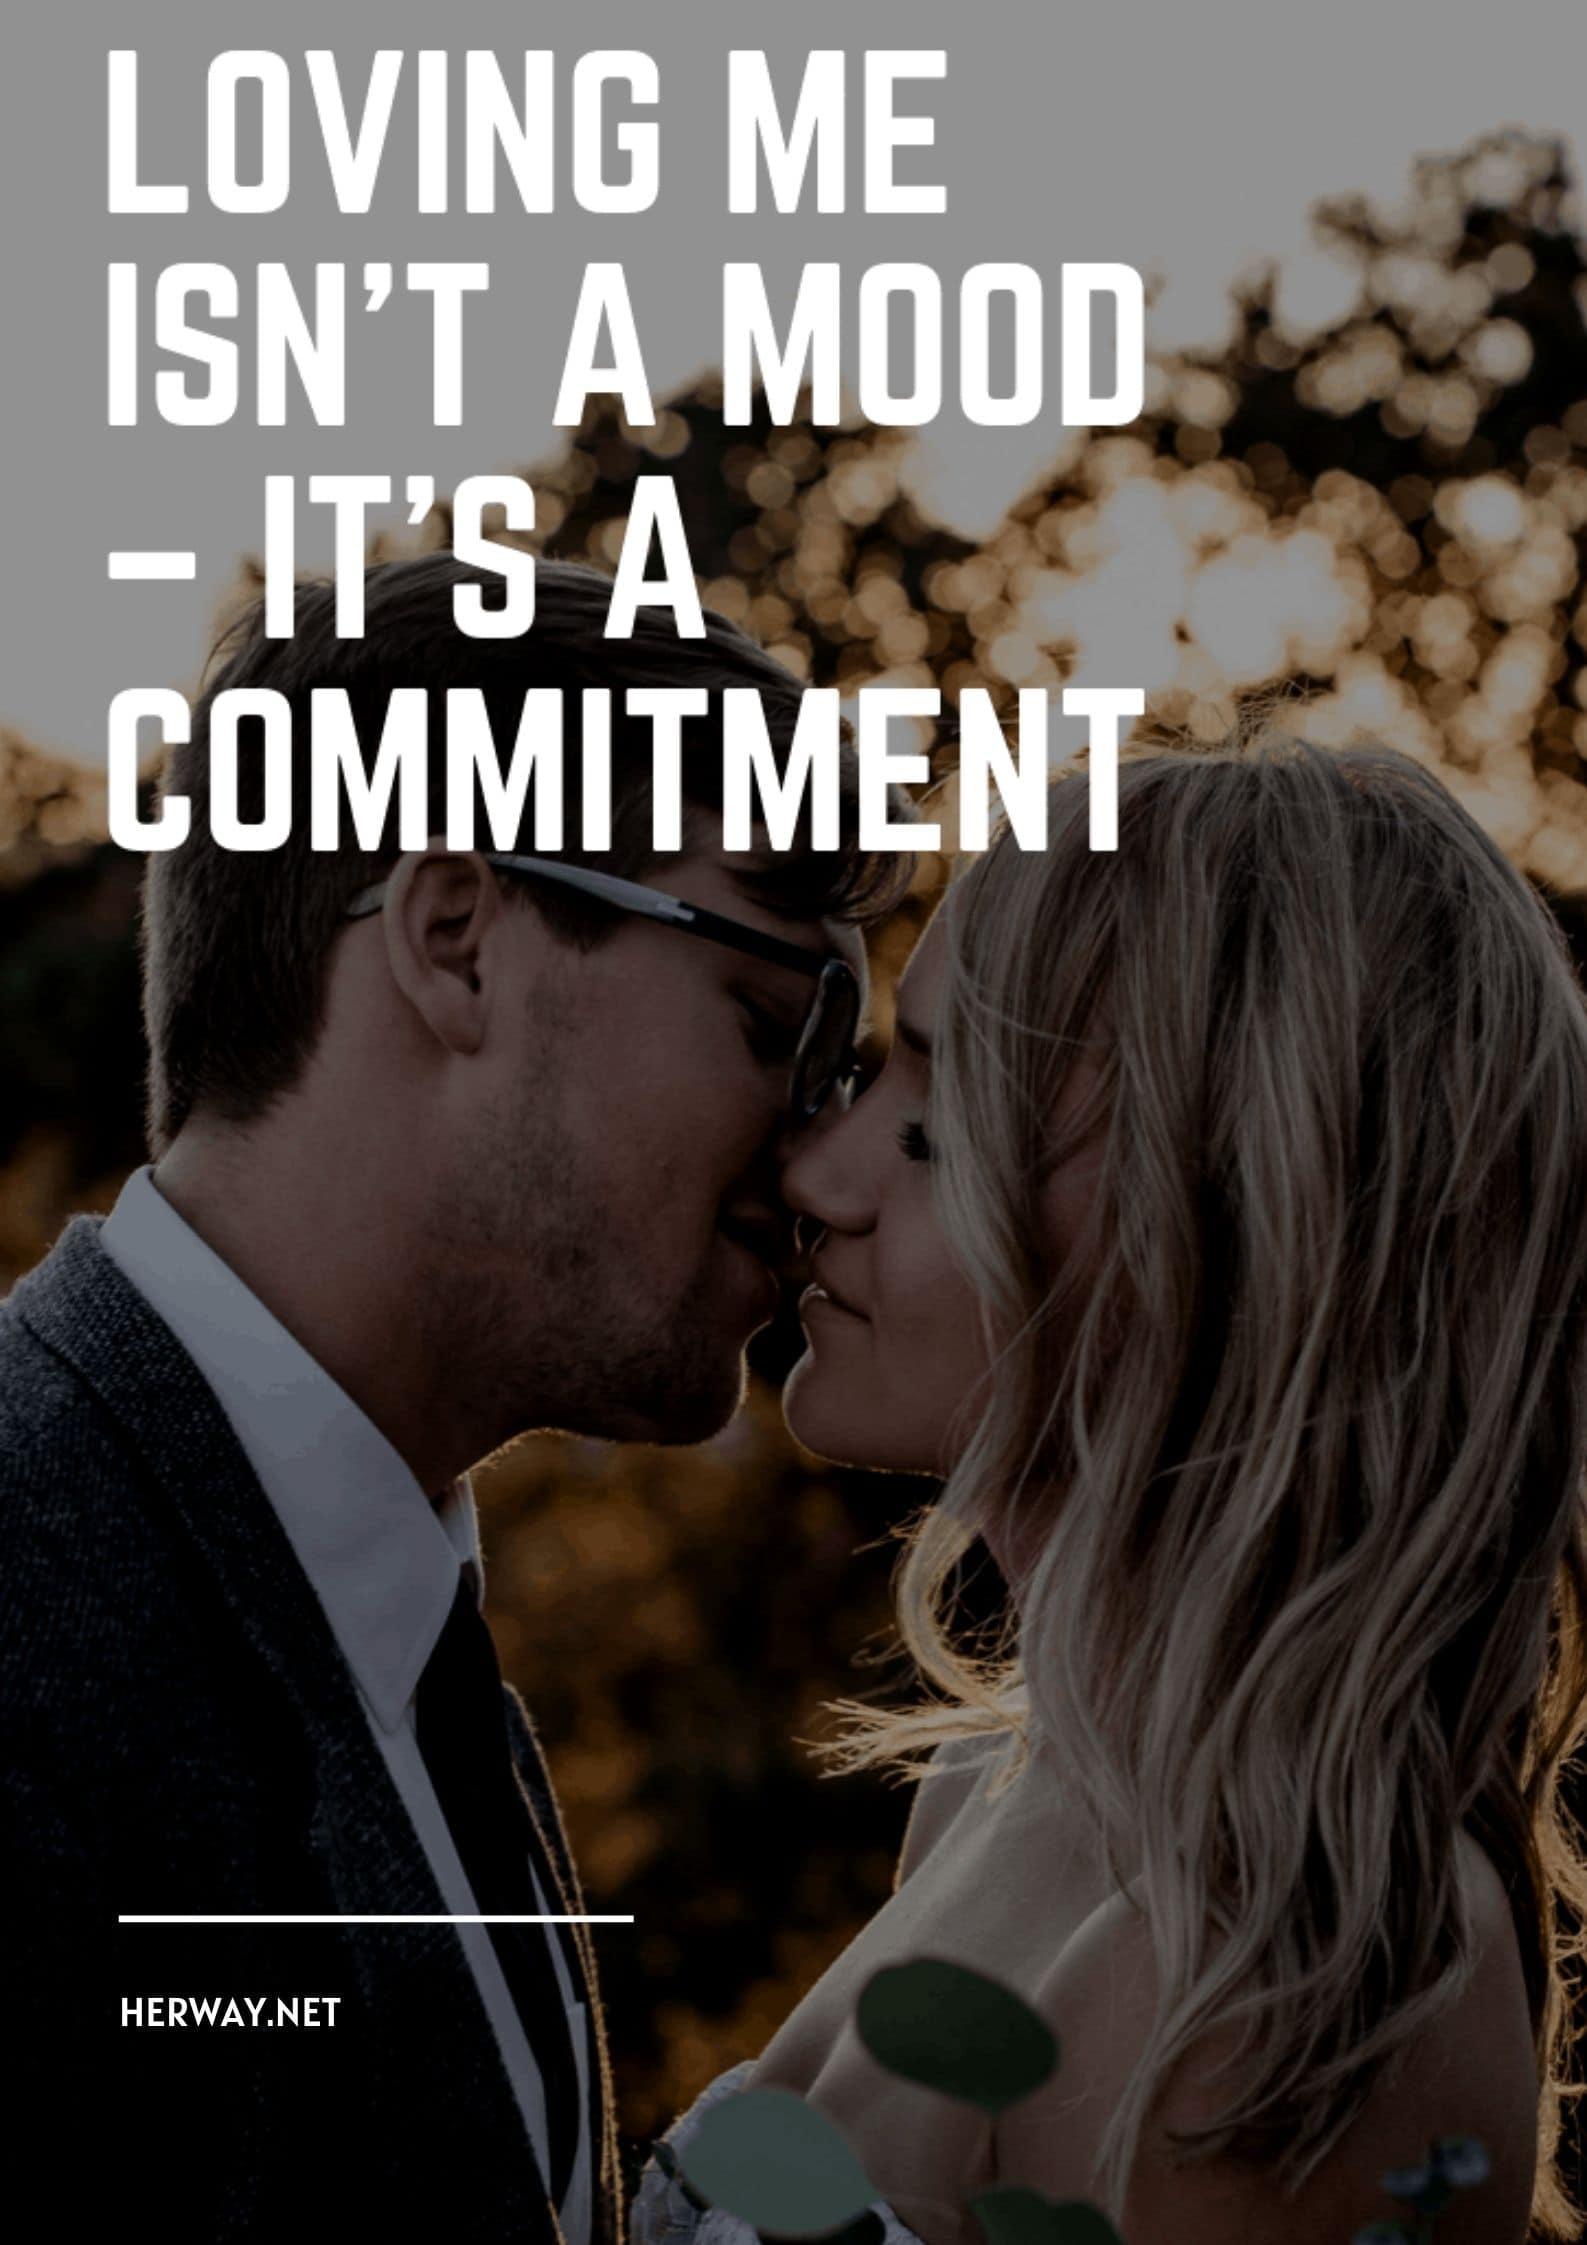 Loving Me Isn't A Mood – It's A Commitment